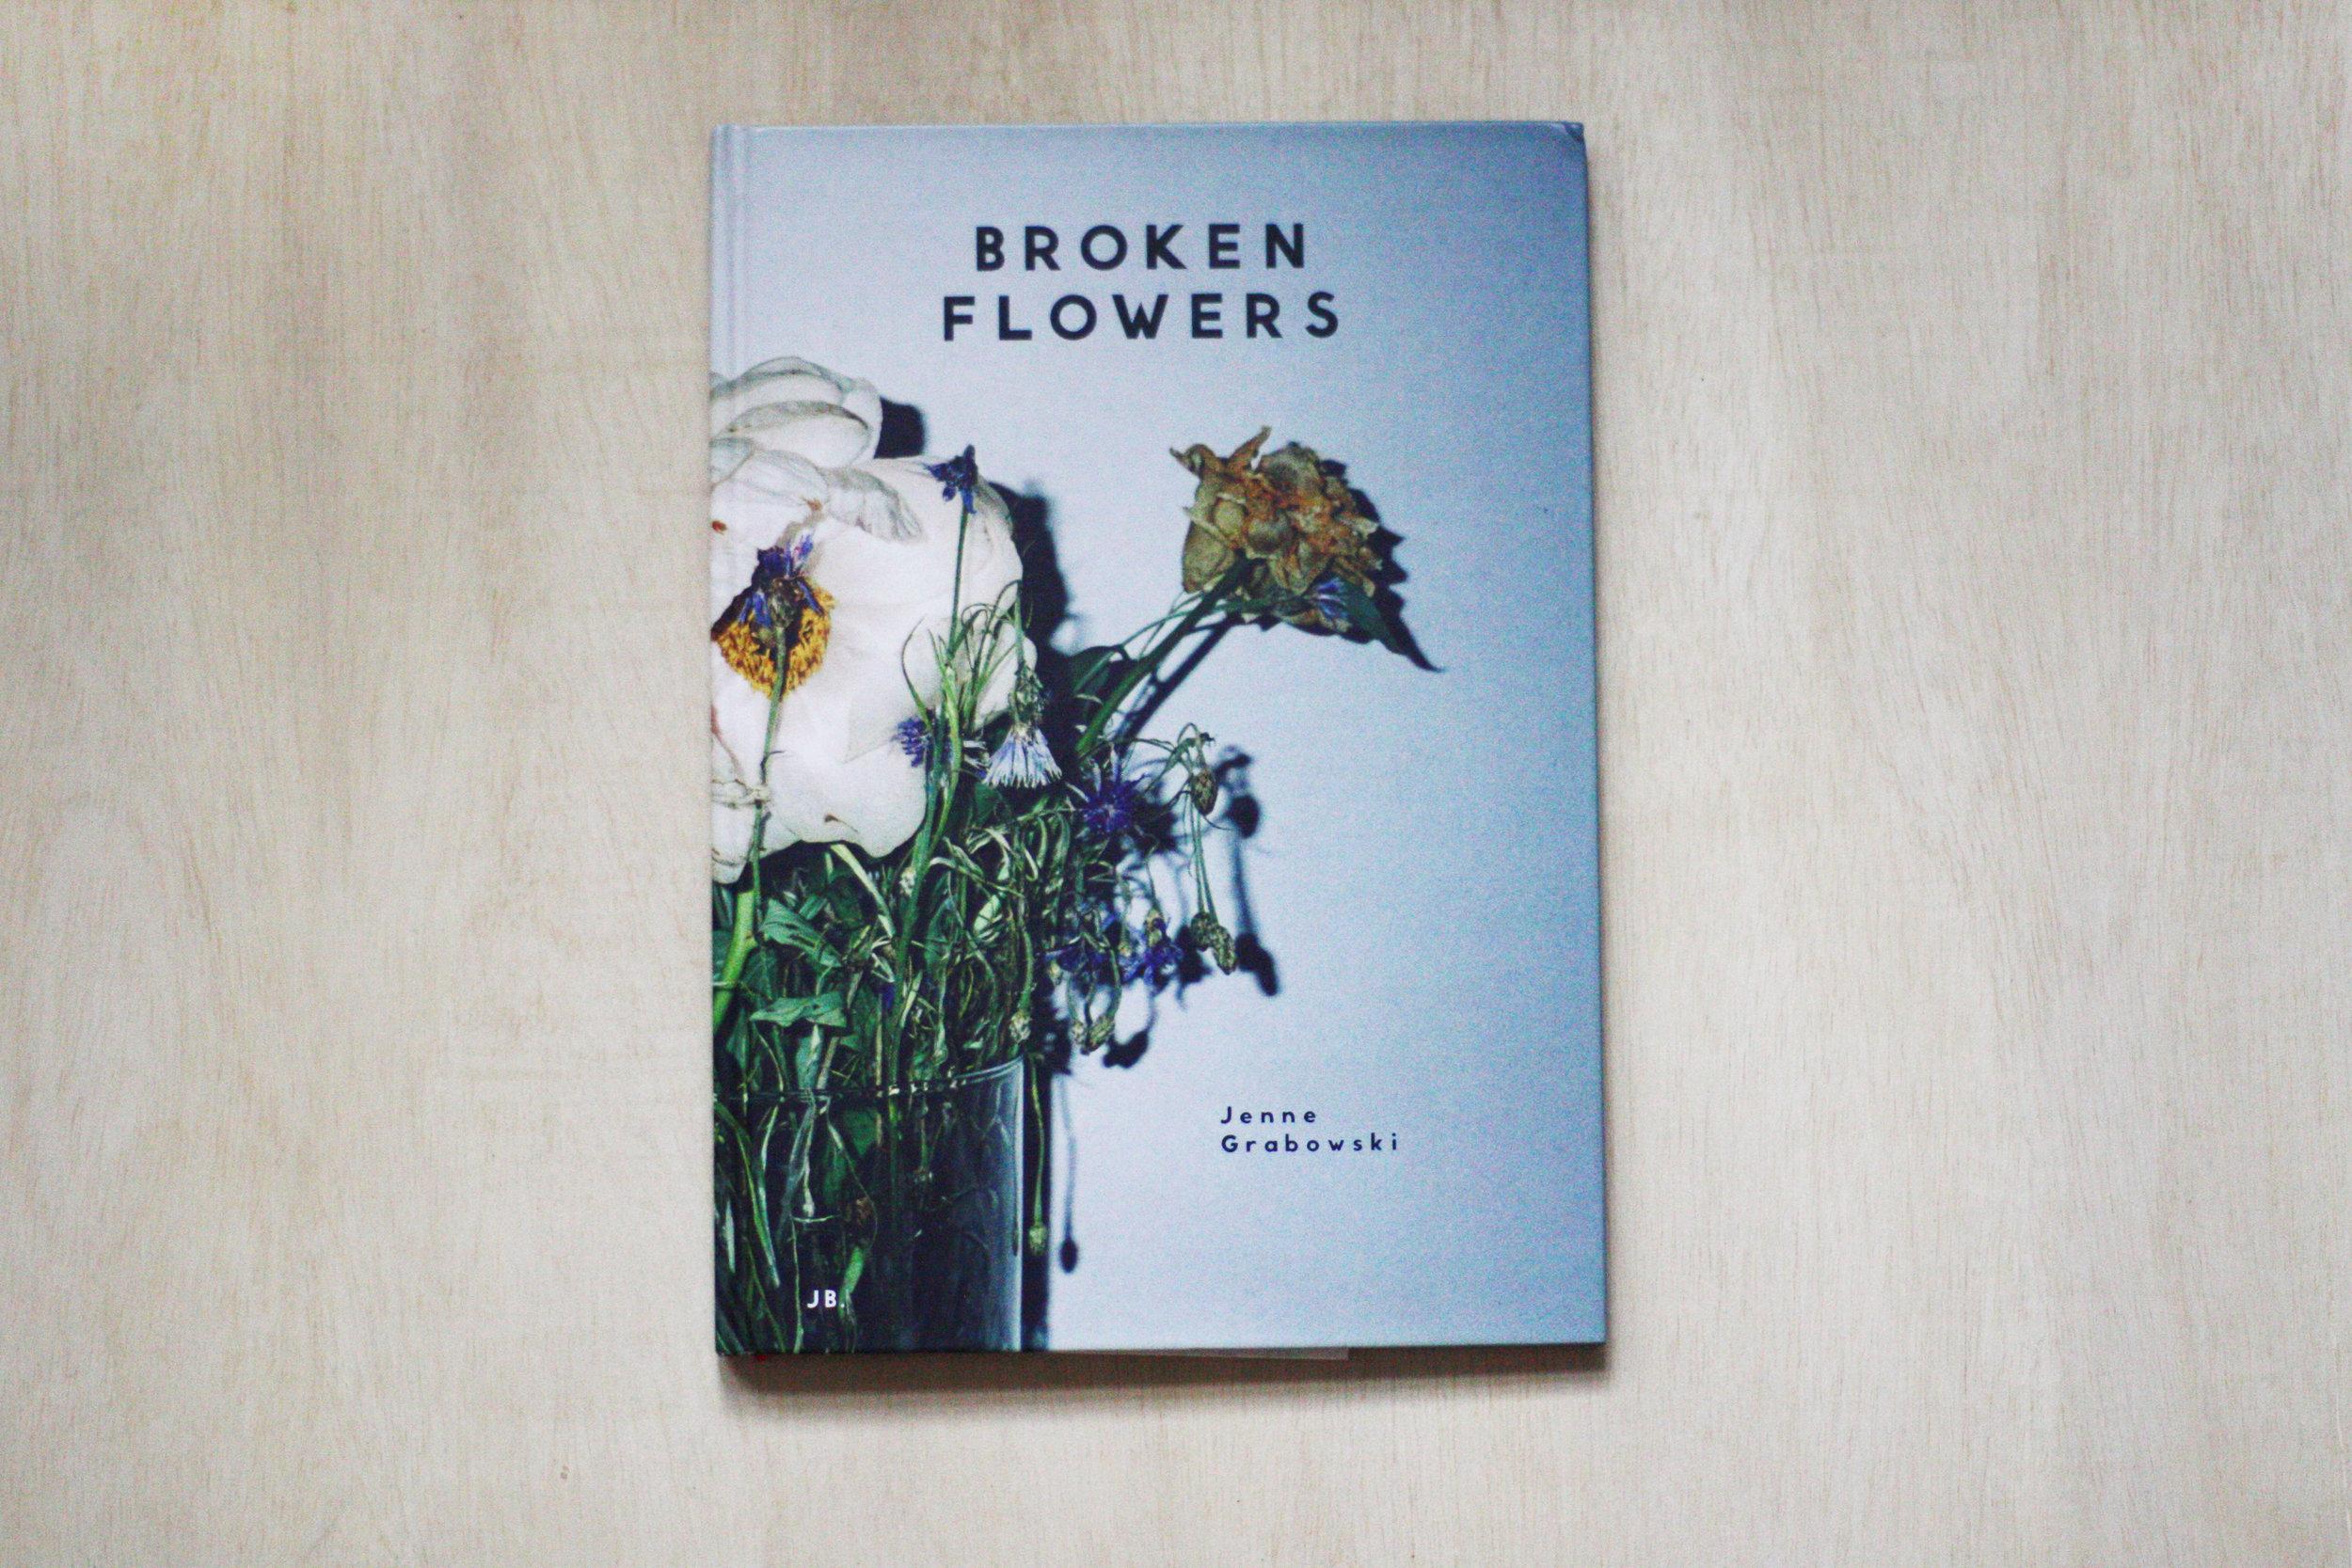 Broken Flowers  by Jenne Grabowski